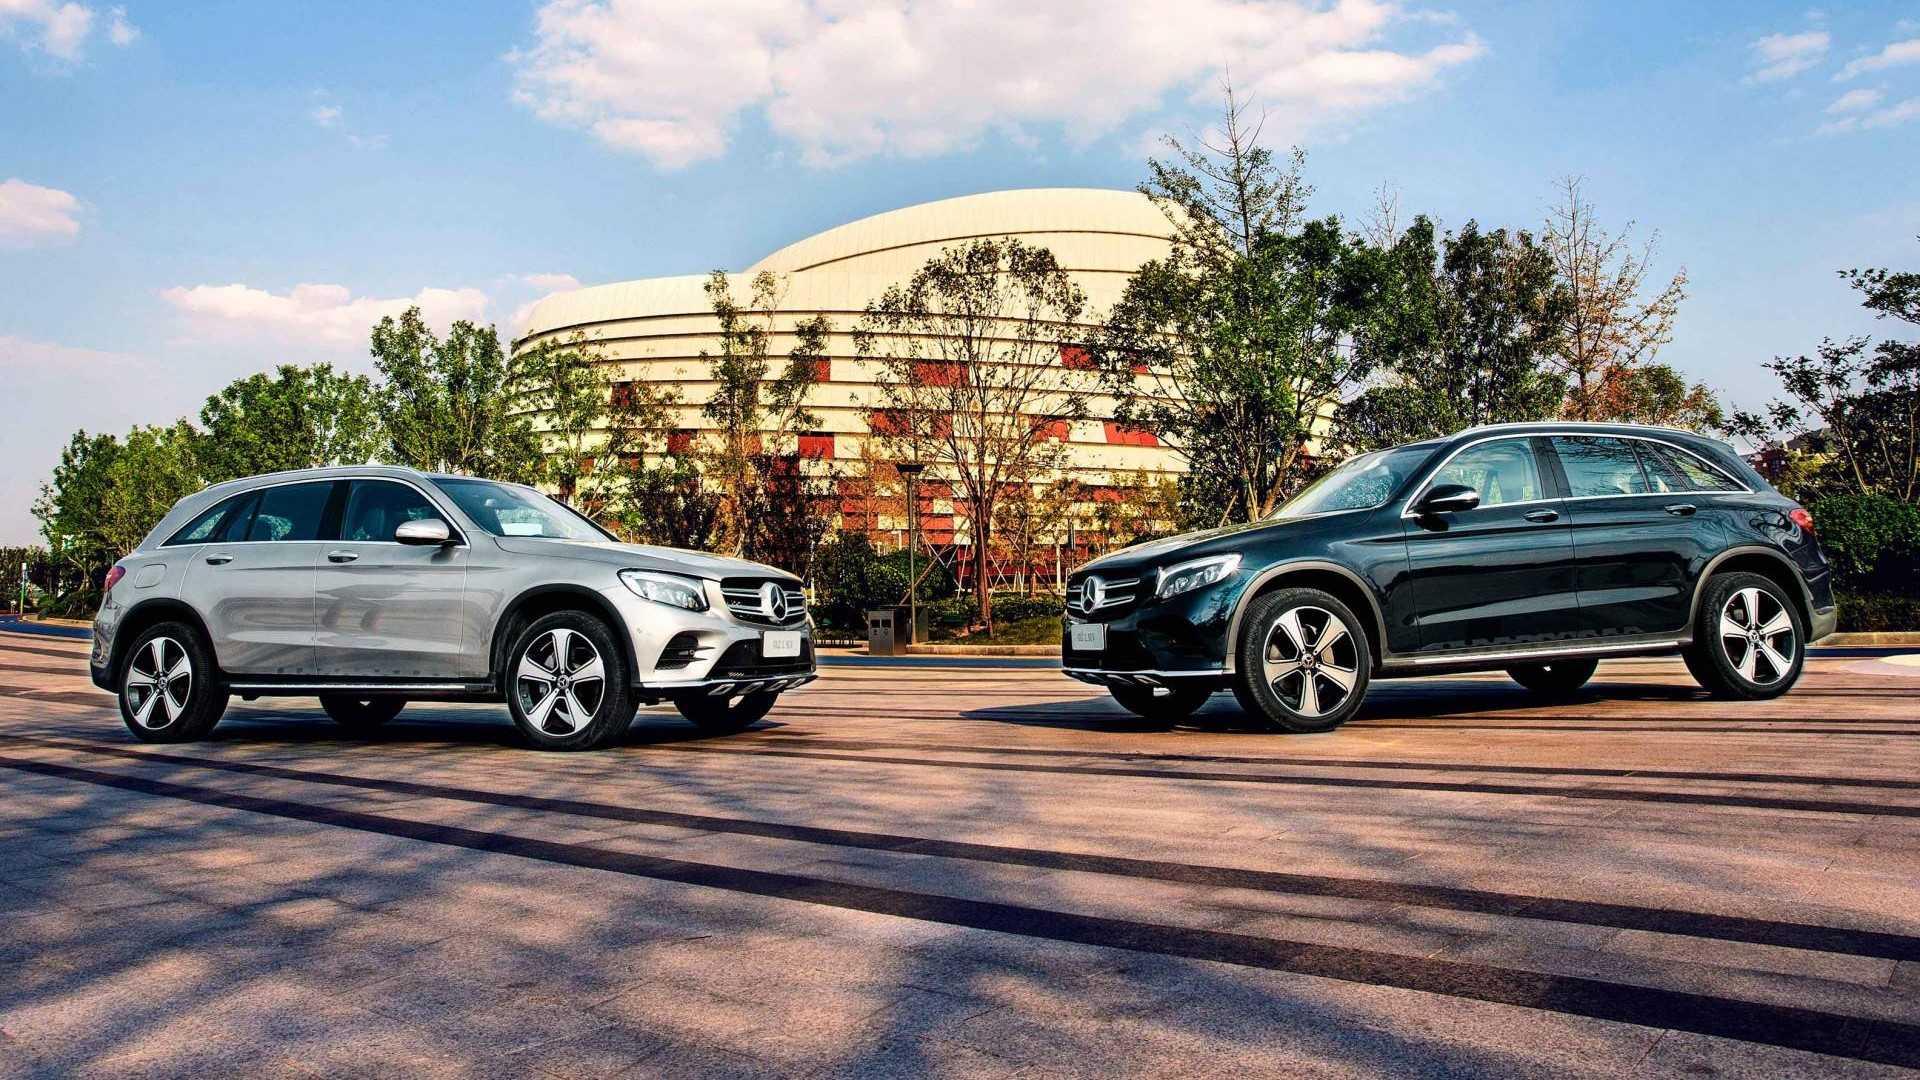 Khám phá Mercedes-Benz GLC L – Chiếc SUV dành riêng cho người Trung Quốc - ảnh 1